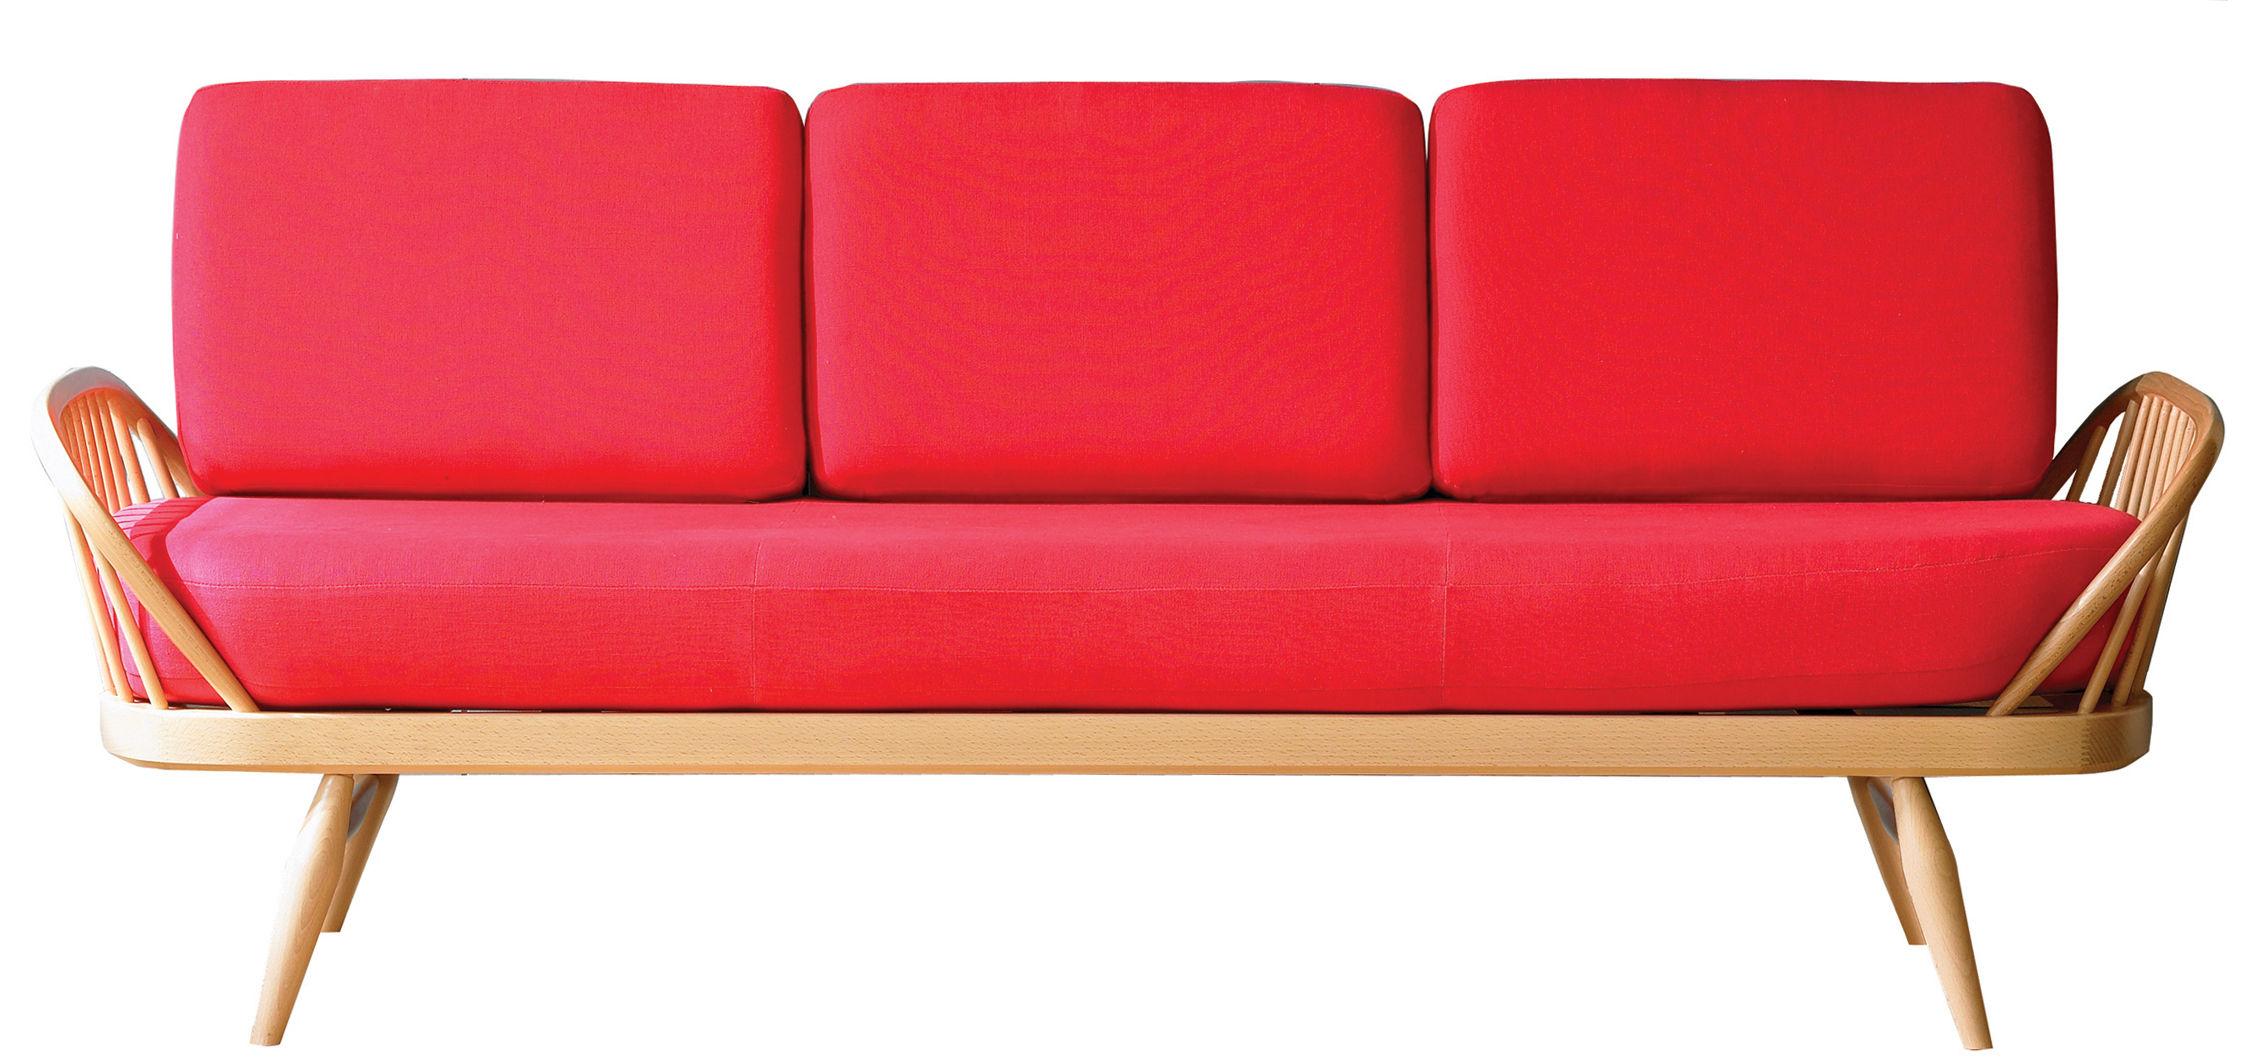 canap droit studio couch 3 places l 206 cm r diton 1950 39 rouge structure bois clair. Black Bedroom Furniture Sets. Home Design Ideas